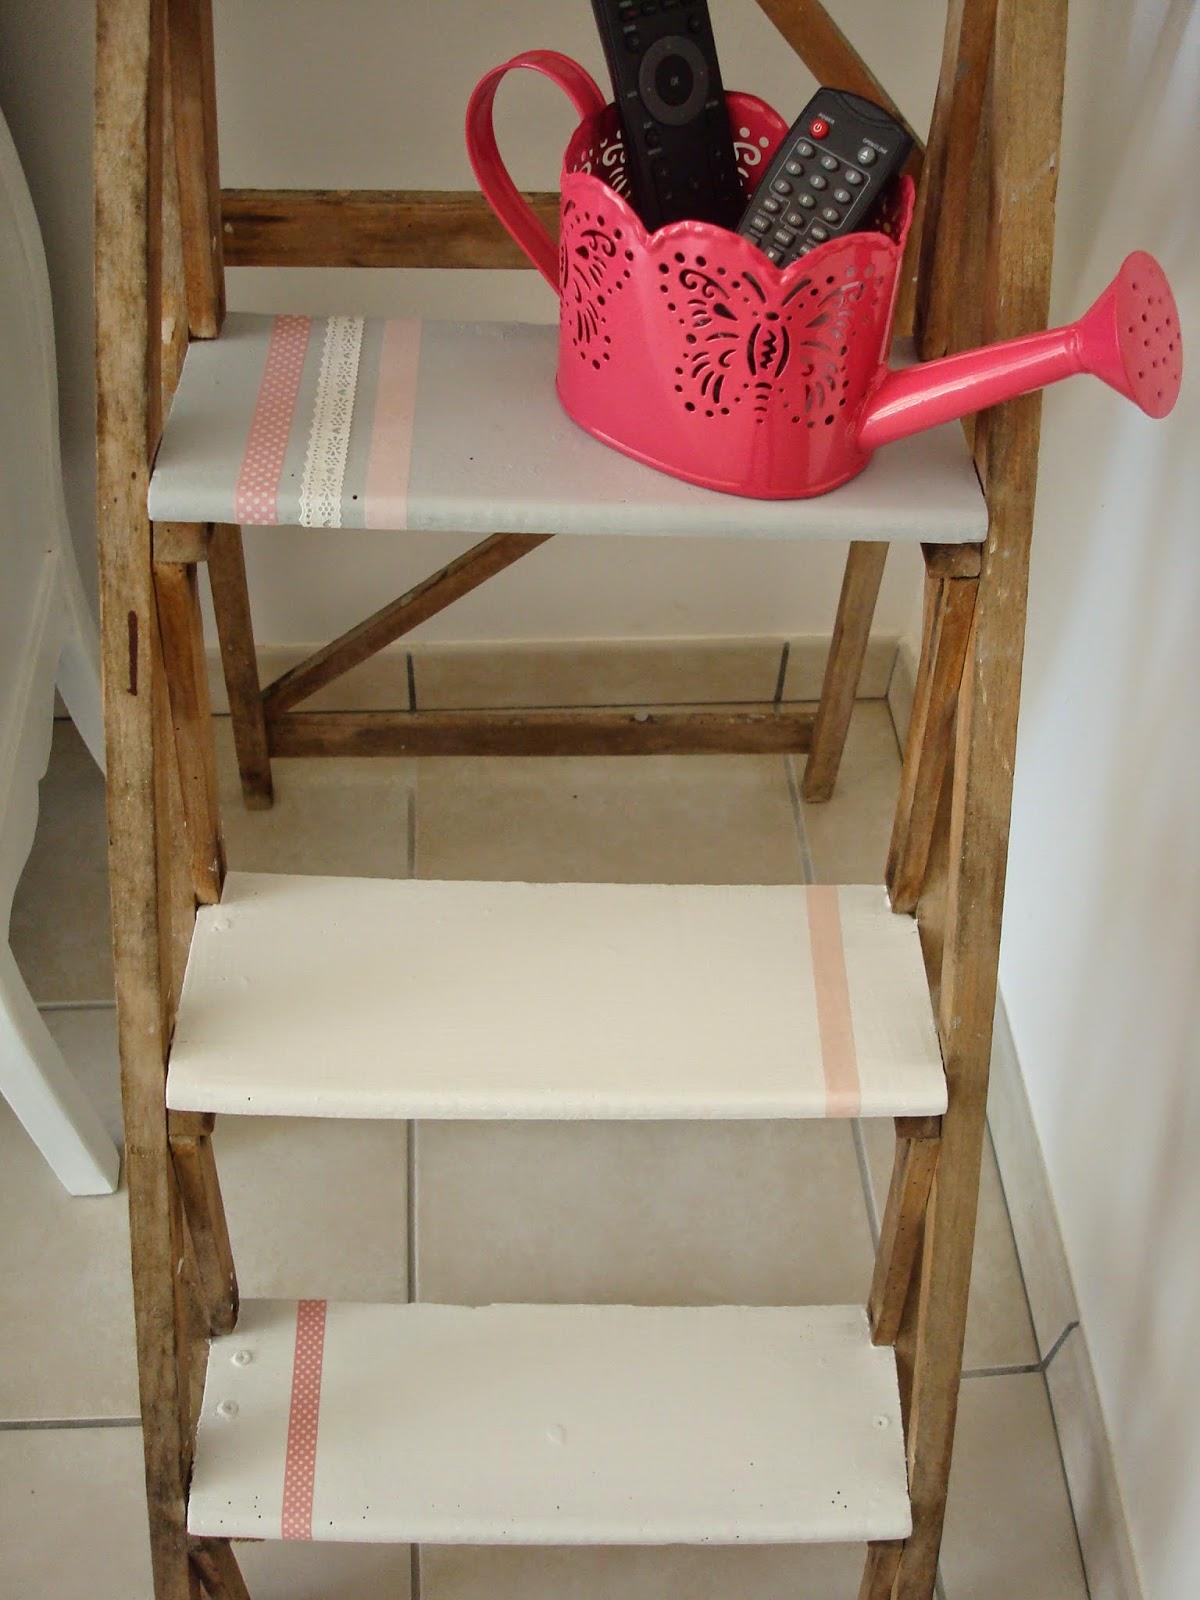 la d co d 39 alia peau neuve pour l 39 chelle en bois. Black Bedroom Furniture Sets. Home Design Ideas